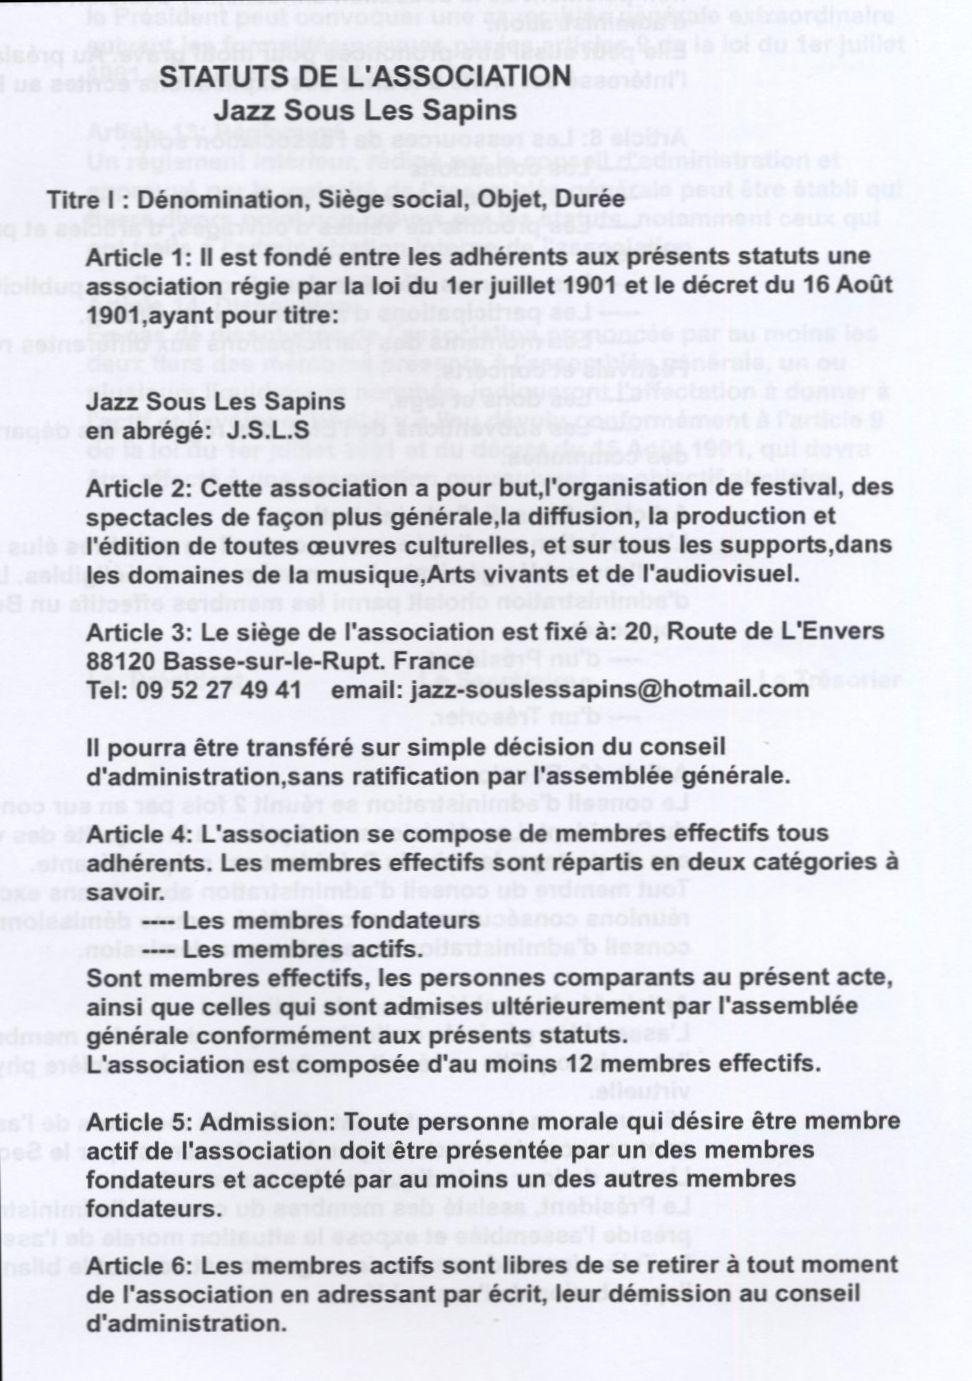 Modèle de statuts types d'association régie par la loi du 1er juillet 1901